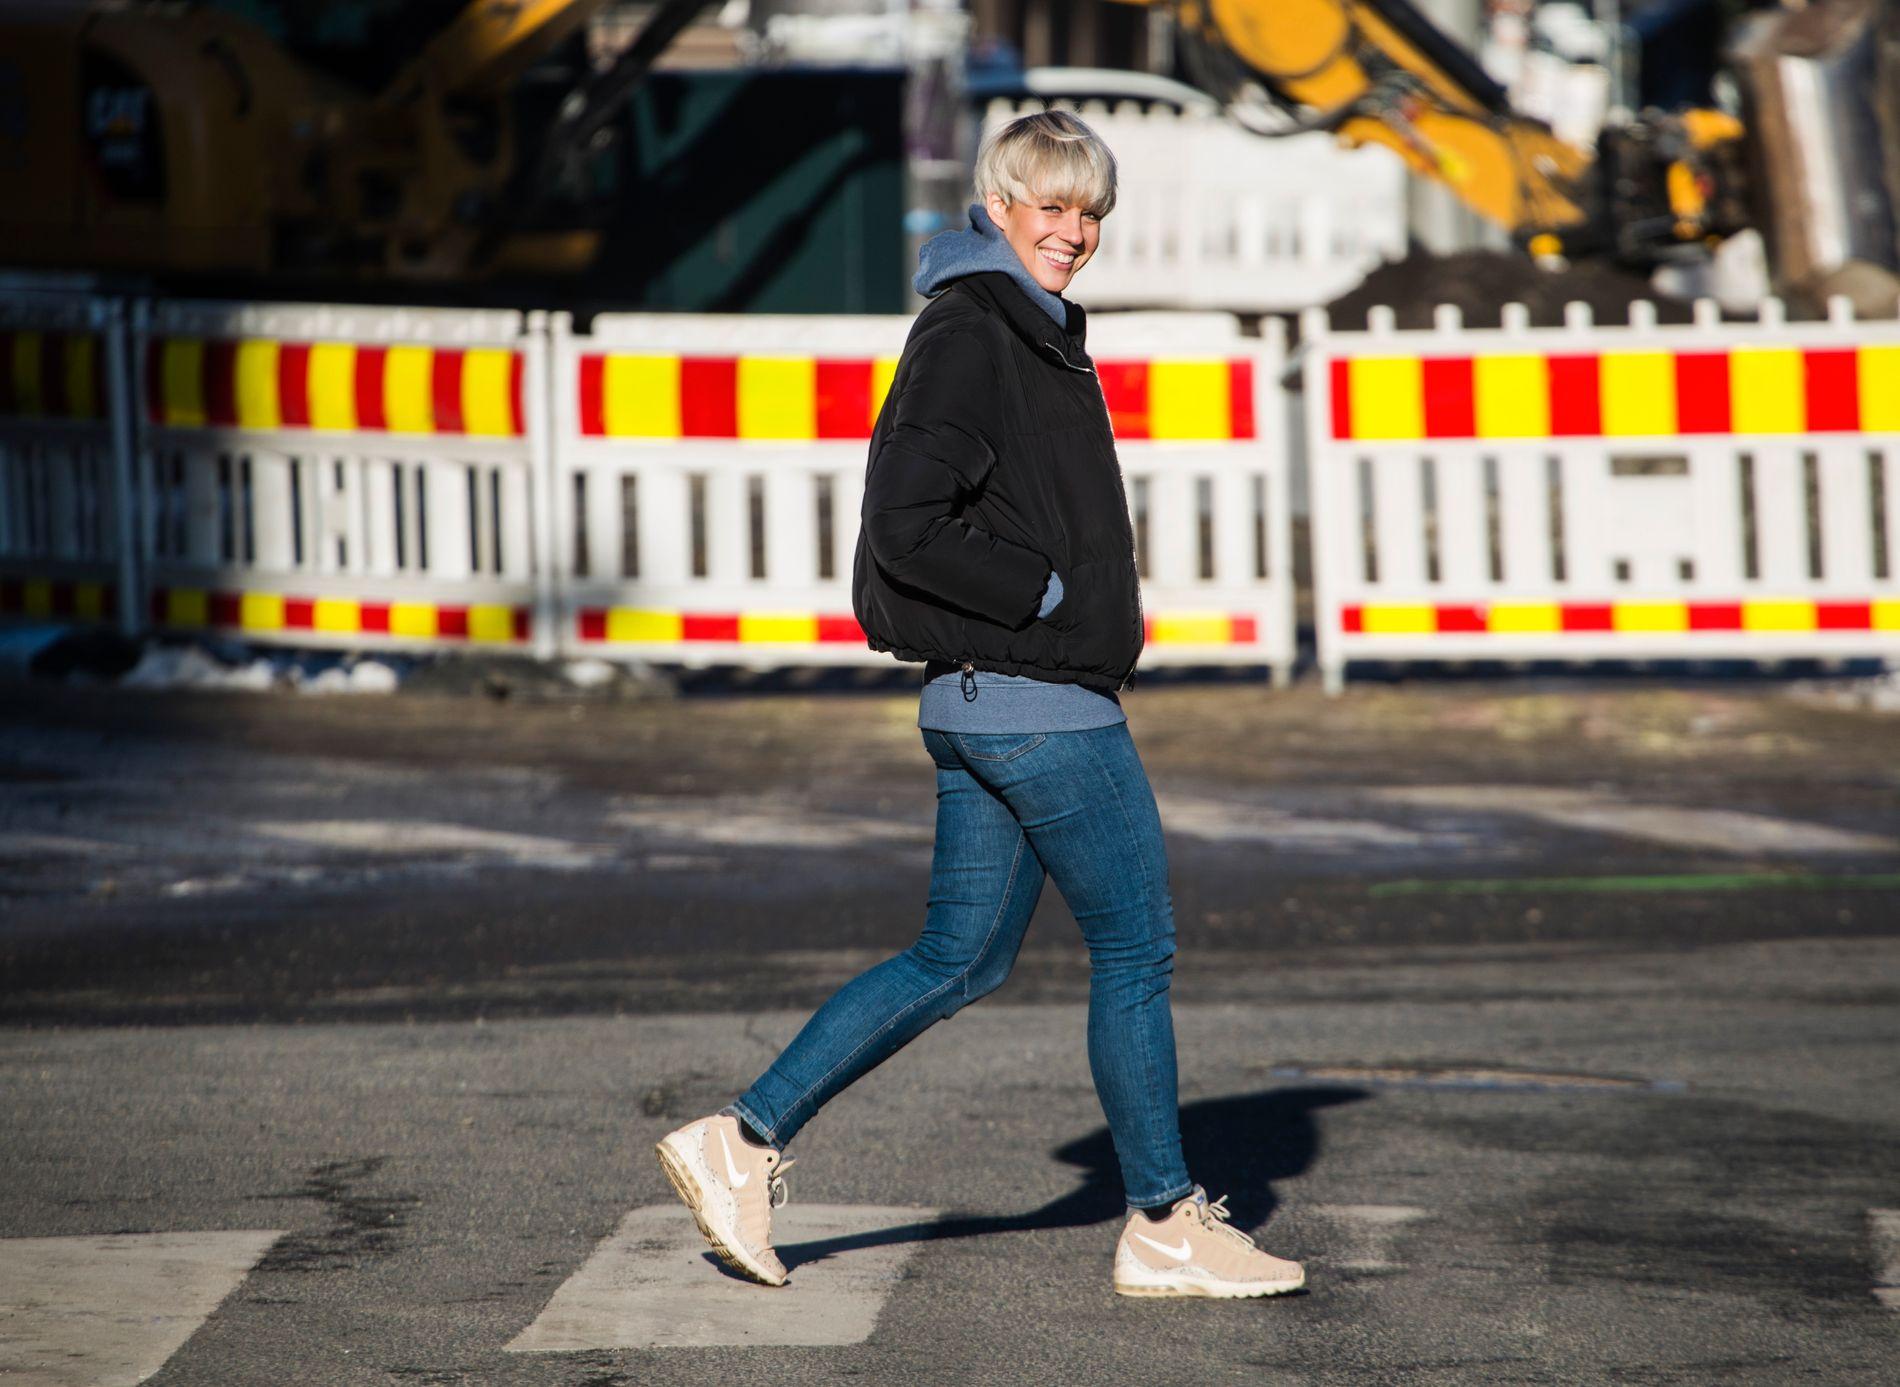 KLIPPET HÅRET: Nicoline Berg Kaasin (28) har klippet håret kort og får kommentarer på at hun har blitt tøffere, nå er hun klar for å lage et skikkelig show på MGP-scenen.